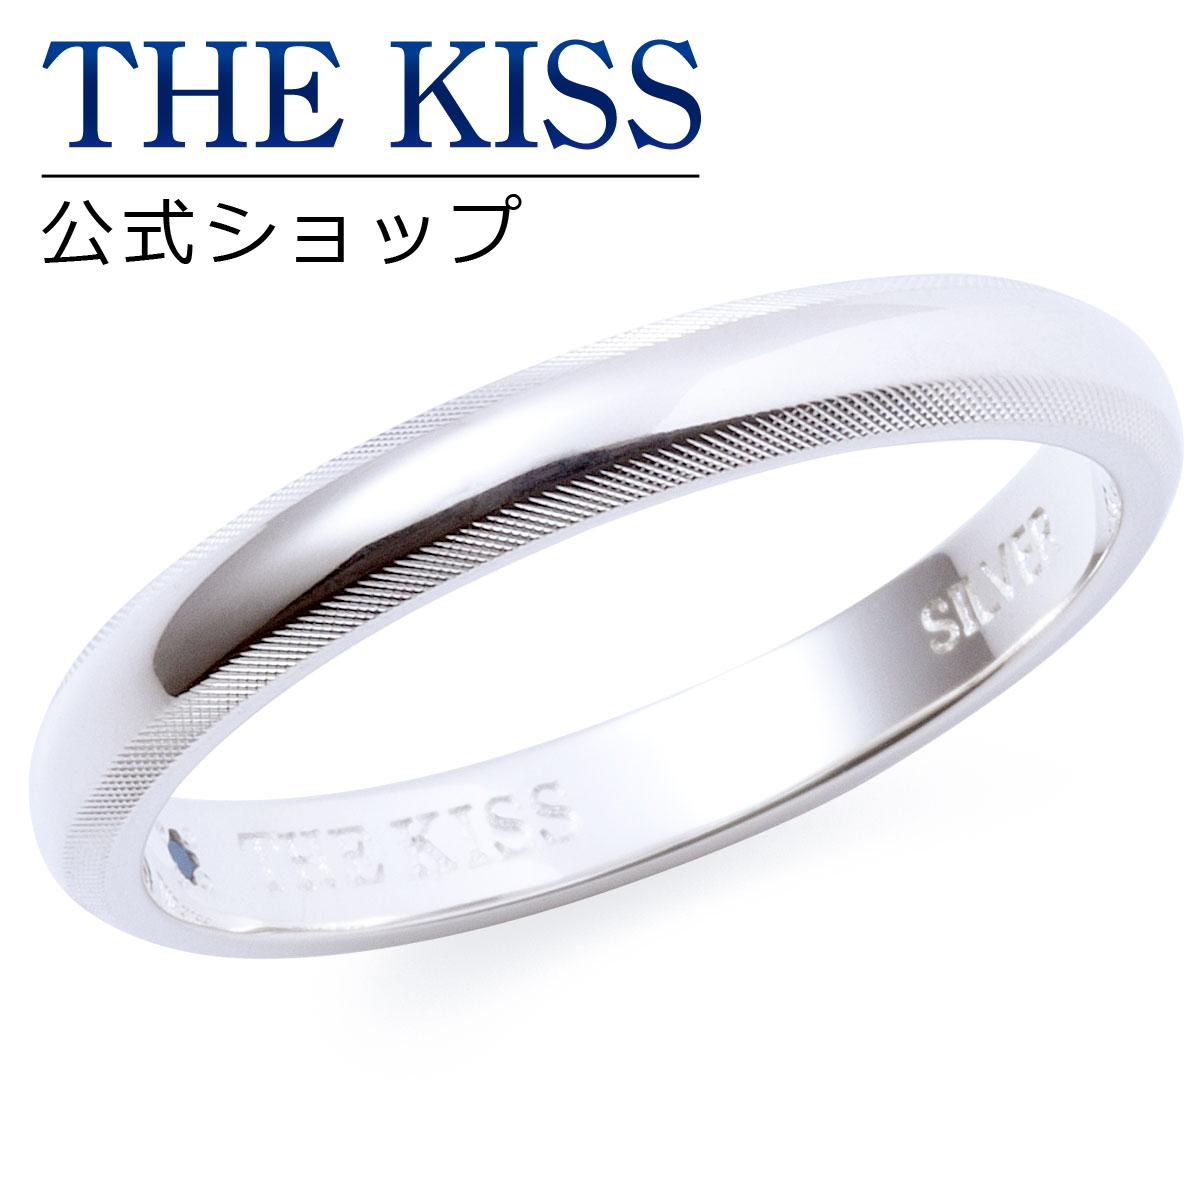 【あす楽対応】THE KISS 公式サイト シルバー ペアリング ( メンズ 単品 ) ペアアクセサリー カップル に 人気 の ジュエリーブランド THEKISS ペア リング・指輪 記念日 プレゼント SR2024BDM ザキス 【送料無料】